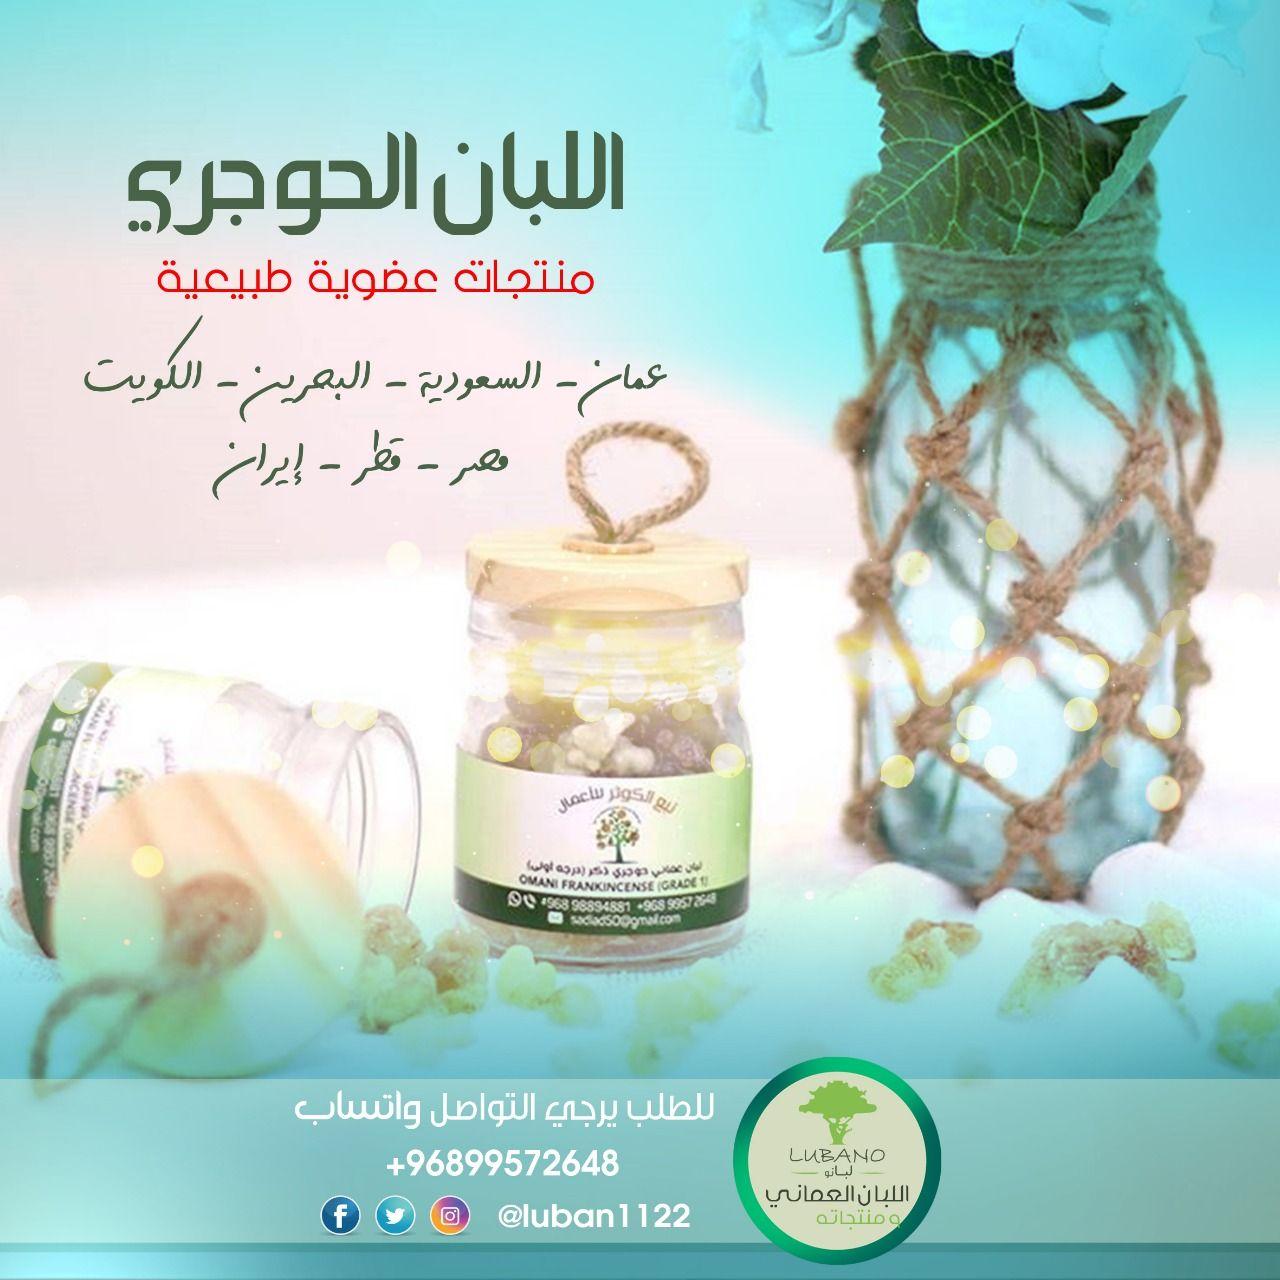 أحصل على مجموعة اللبان العماني الأصلي المميزة لبان عماني حوجري ذكر درجة اولى زيت اللبان ماء اللبان كريم اللبان عبق اللبان لل Decorative Jars Jar Decor